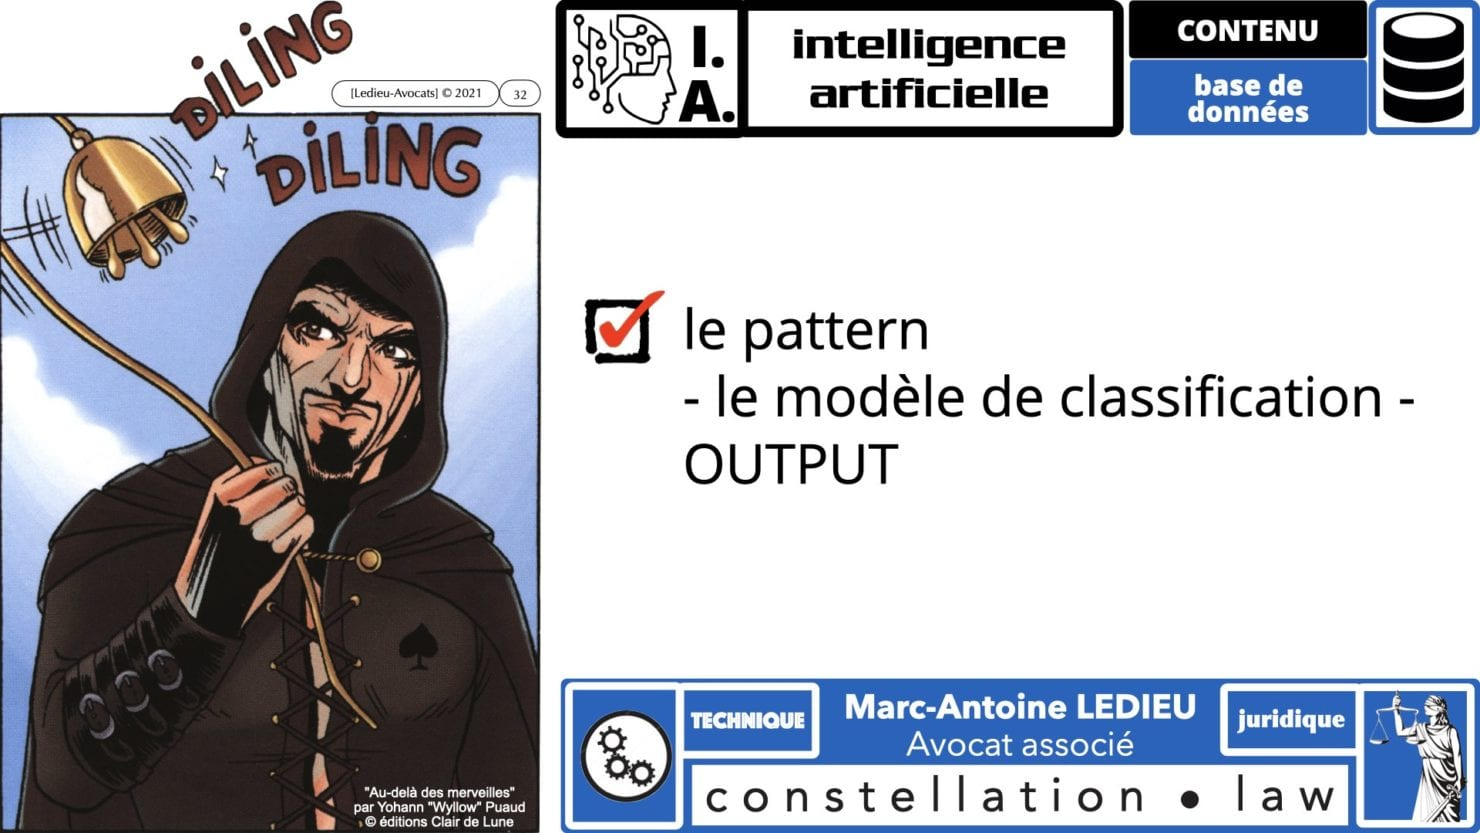 335 Intelligence Artificielle 2021 et AI Act [projet de Règlement UE] deep learning machine learning © Ledieu-Avocats 04-06-2021 *16:9*.032